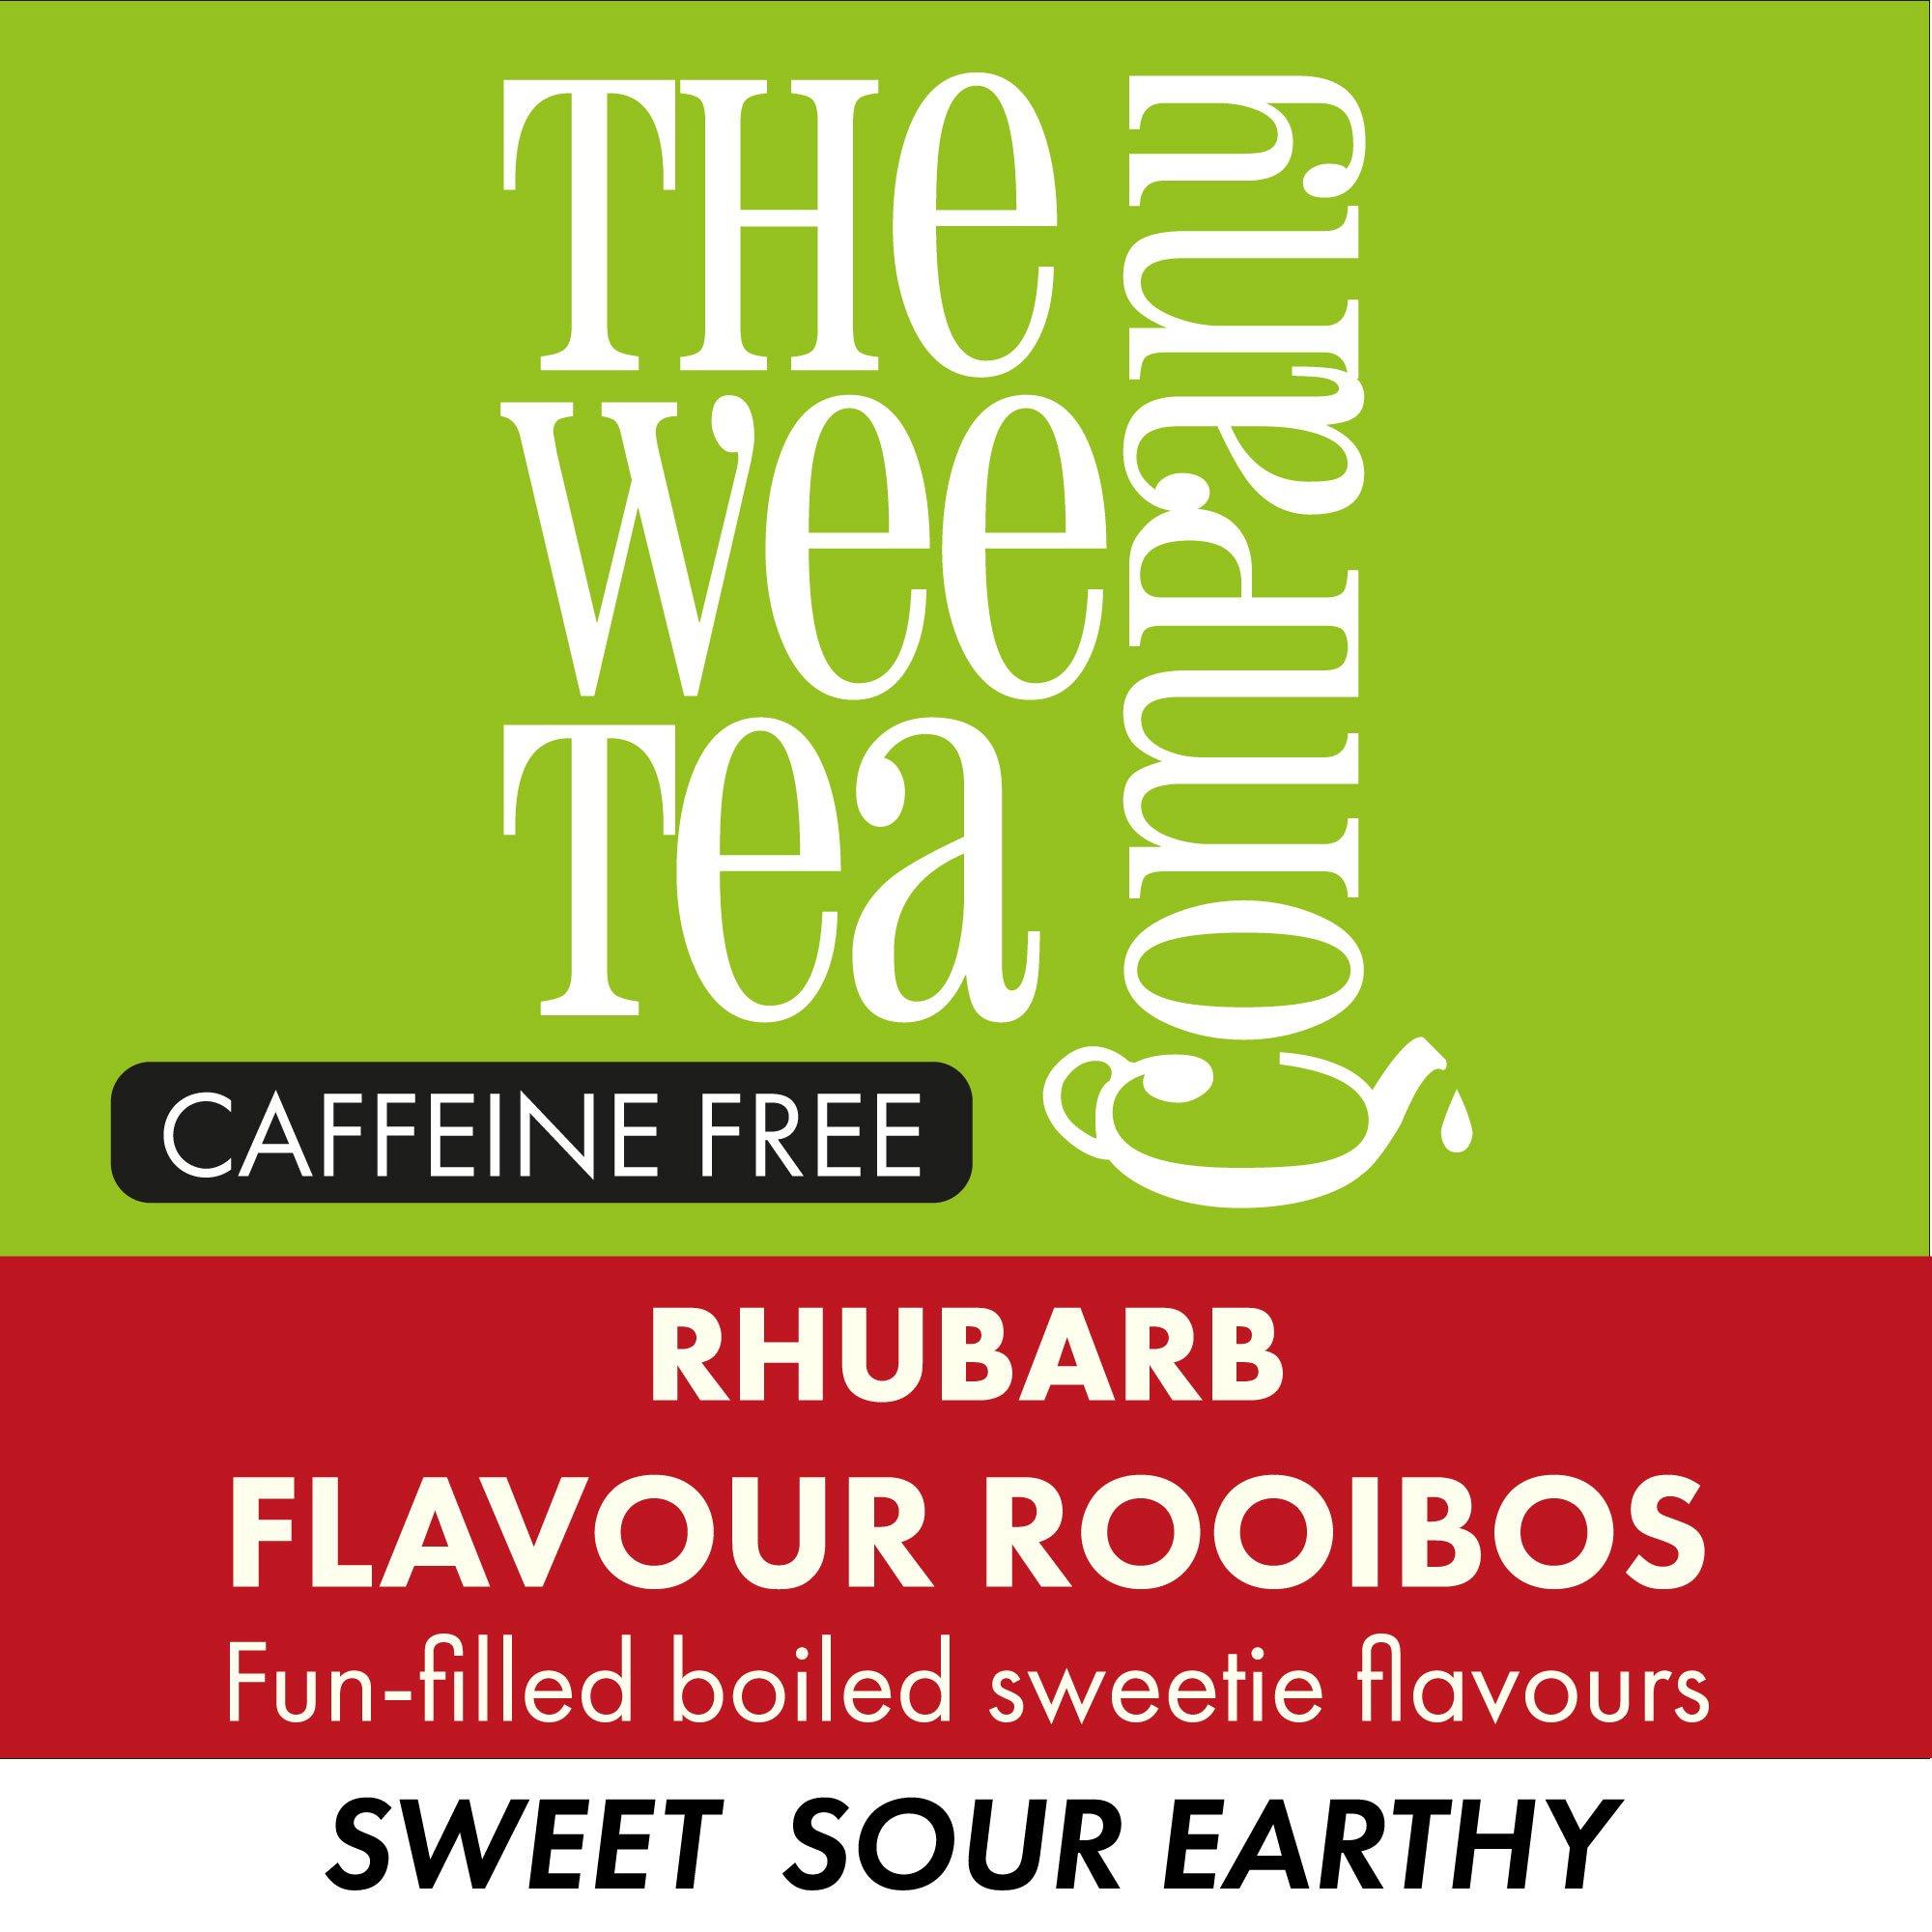 Rhubarb Rooibos